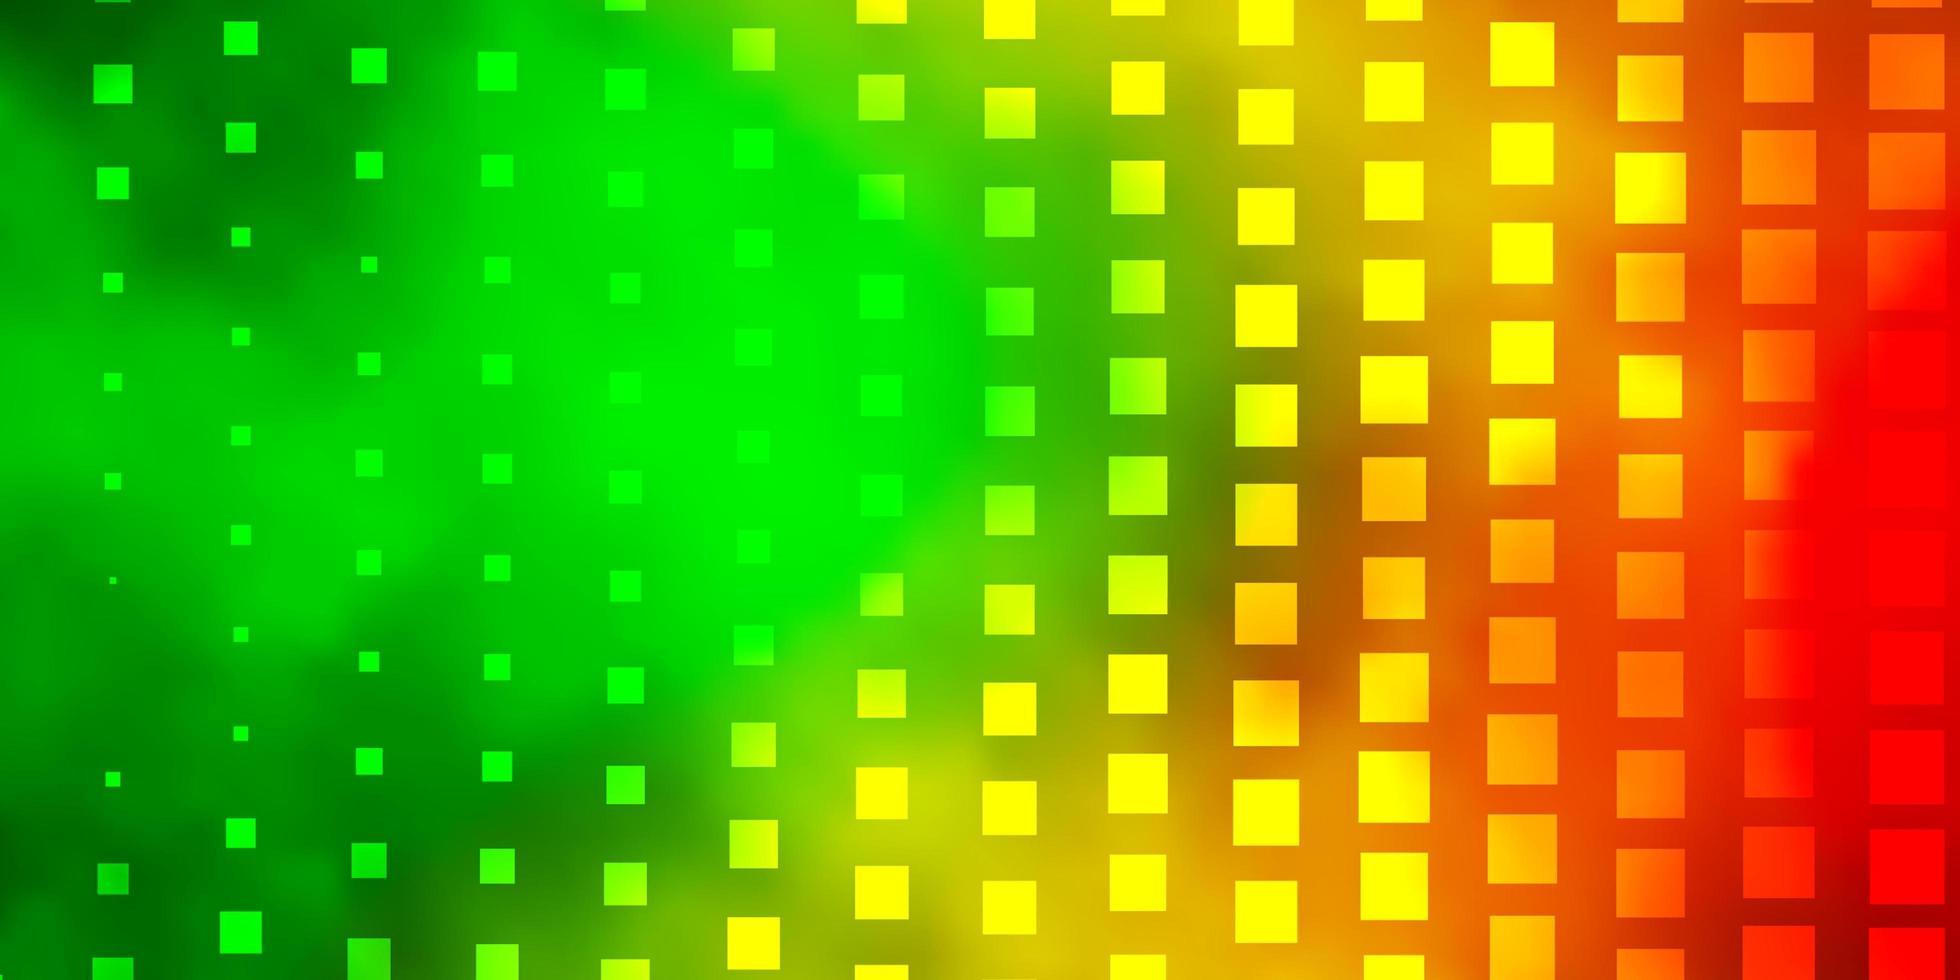 sfondo verde scuro, giallo con rettangoli. vettore